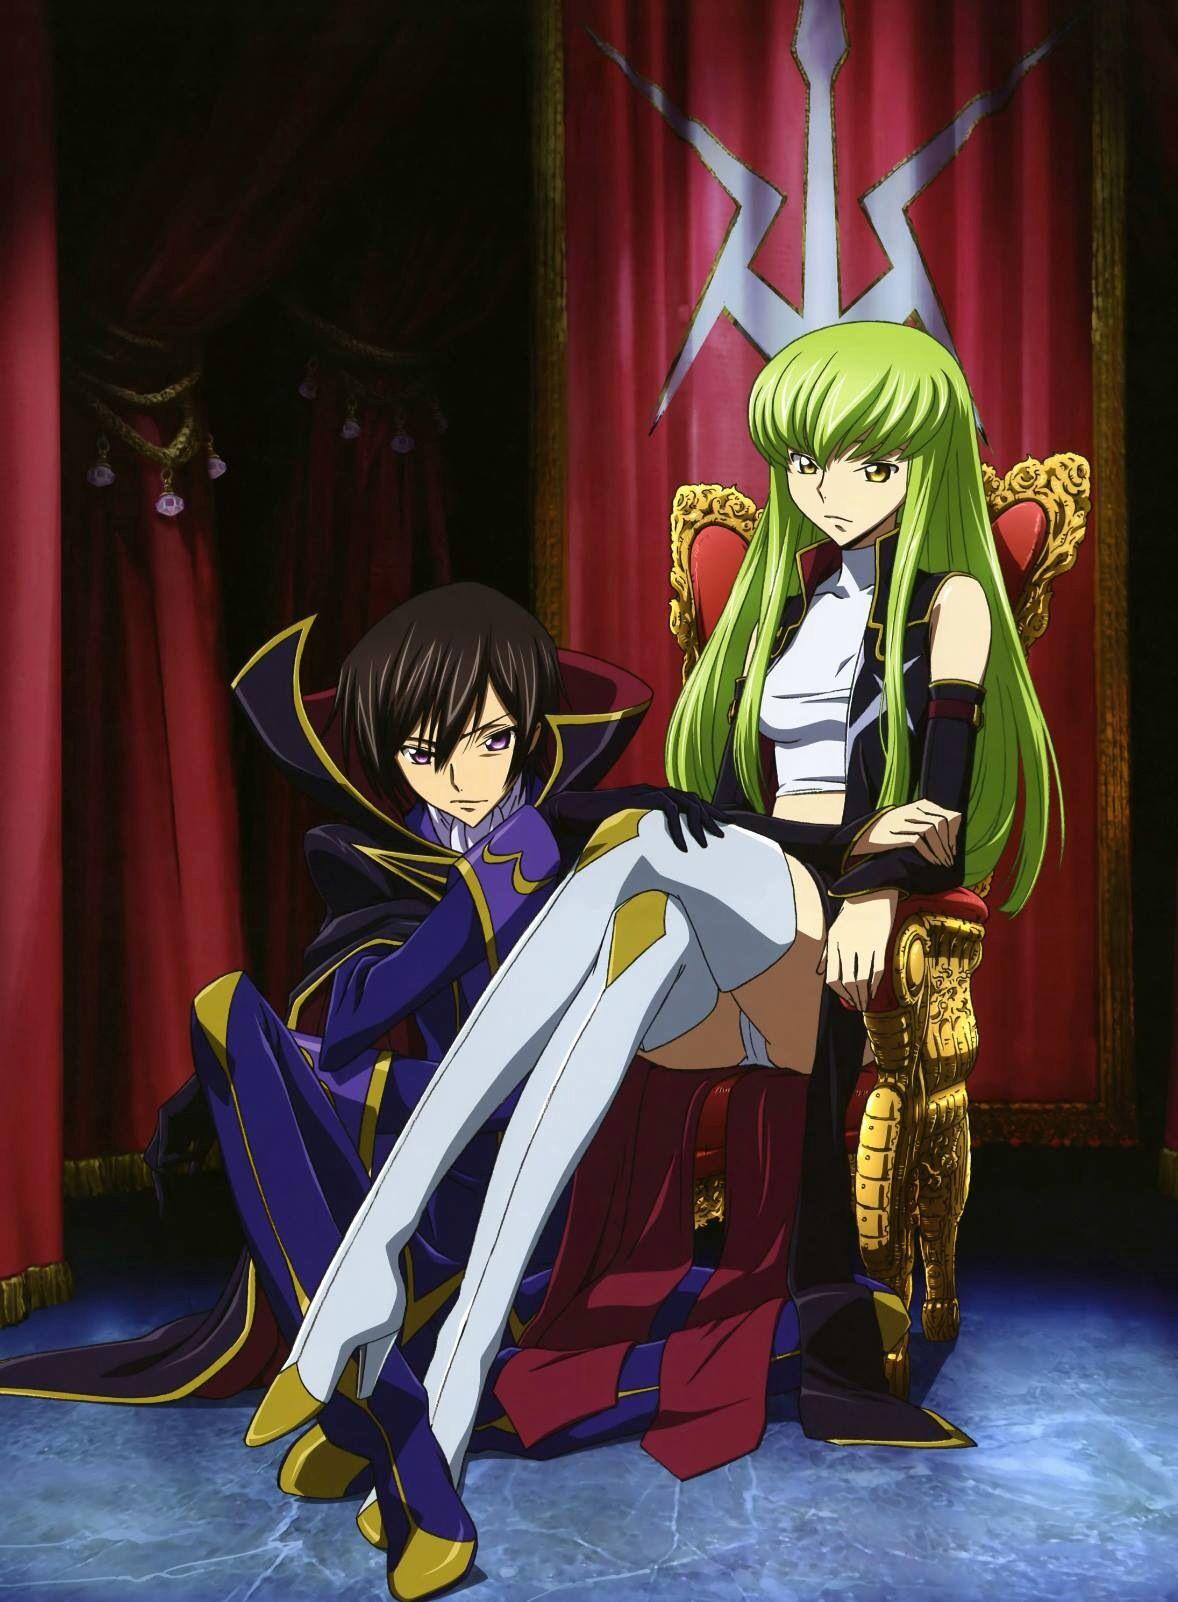 Lelouch and C2 Anime, Desenho de anime, Casal anime